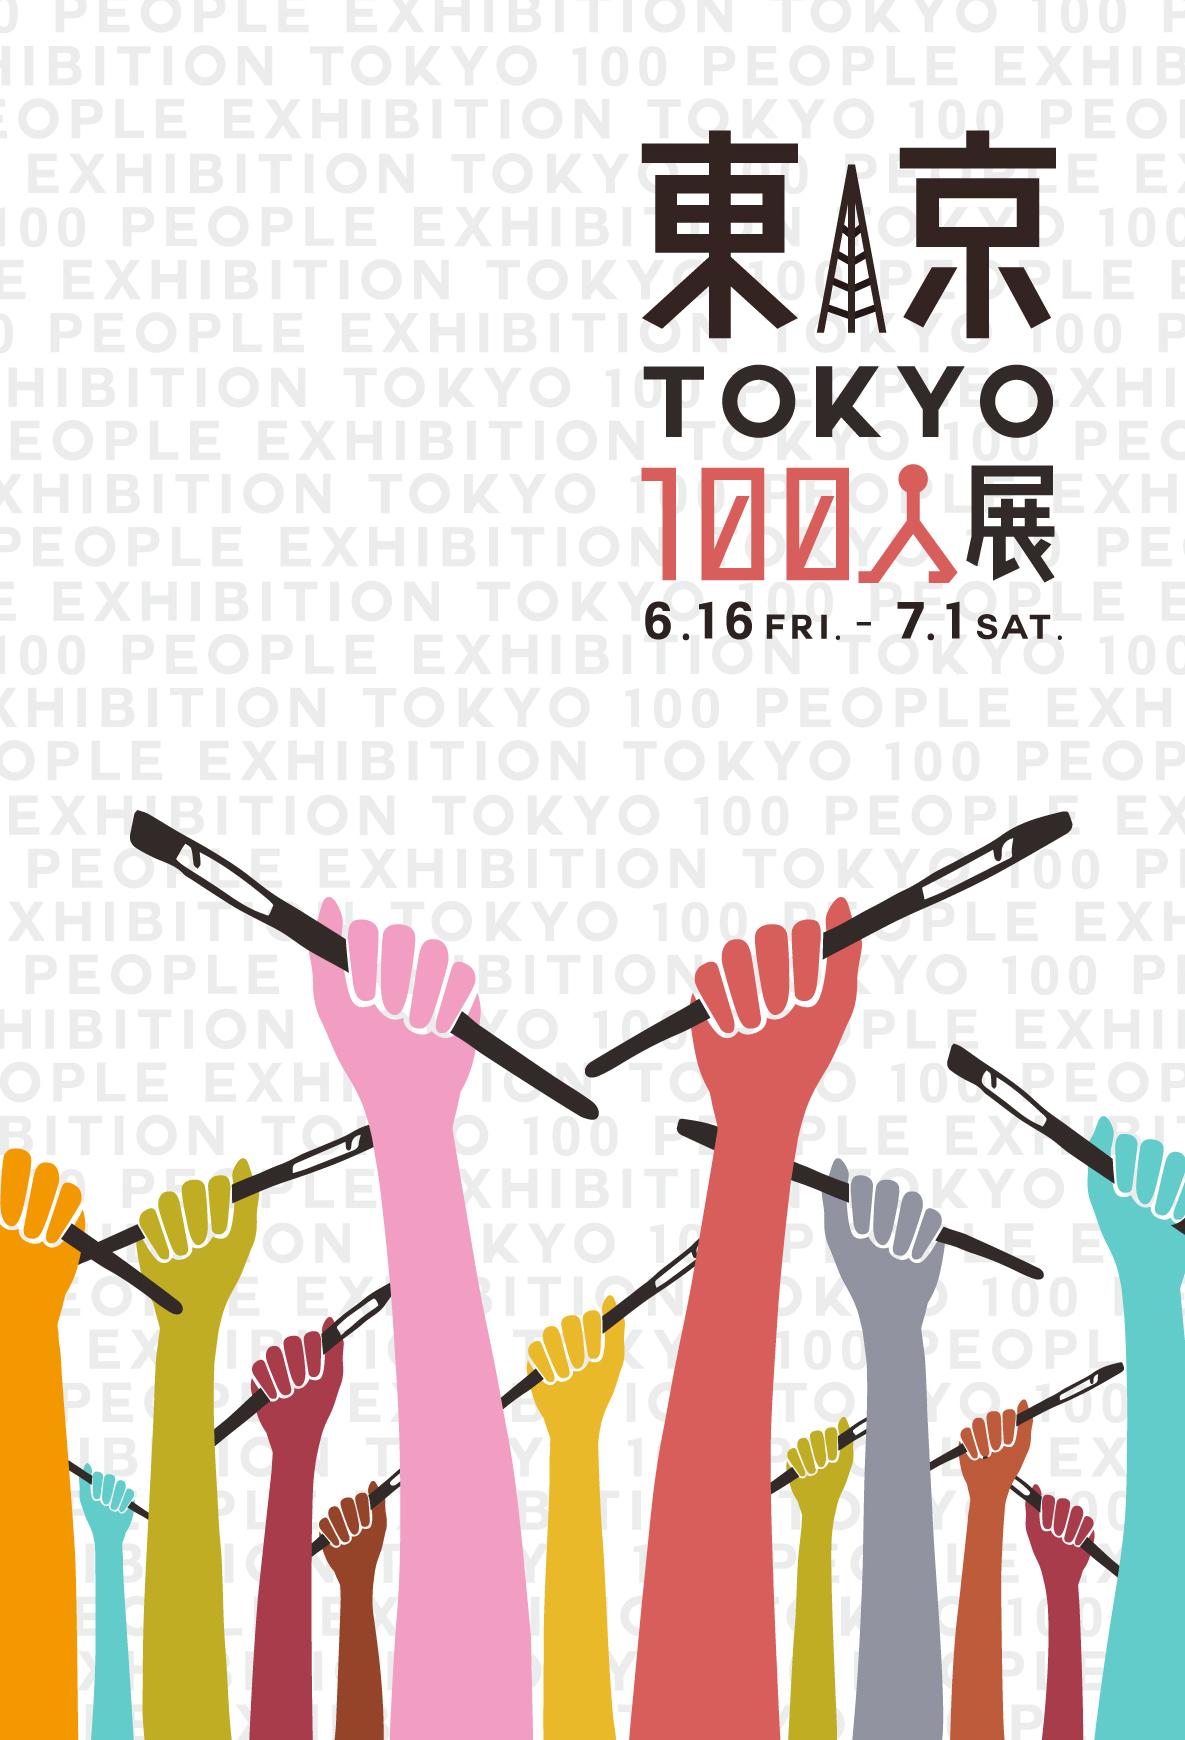 オリンピックに向けて皆で盛り上がろう!「東京」を表現したグループ展『東京100人展』【今週のおすすめ